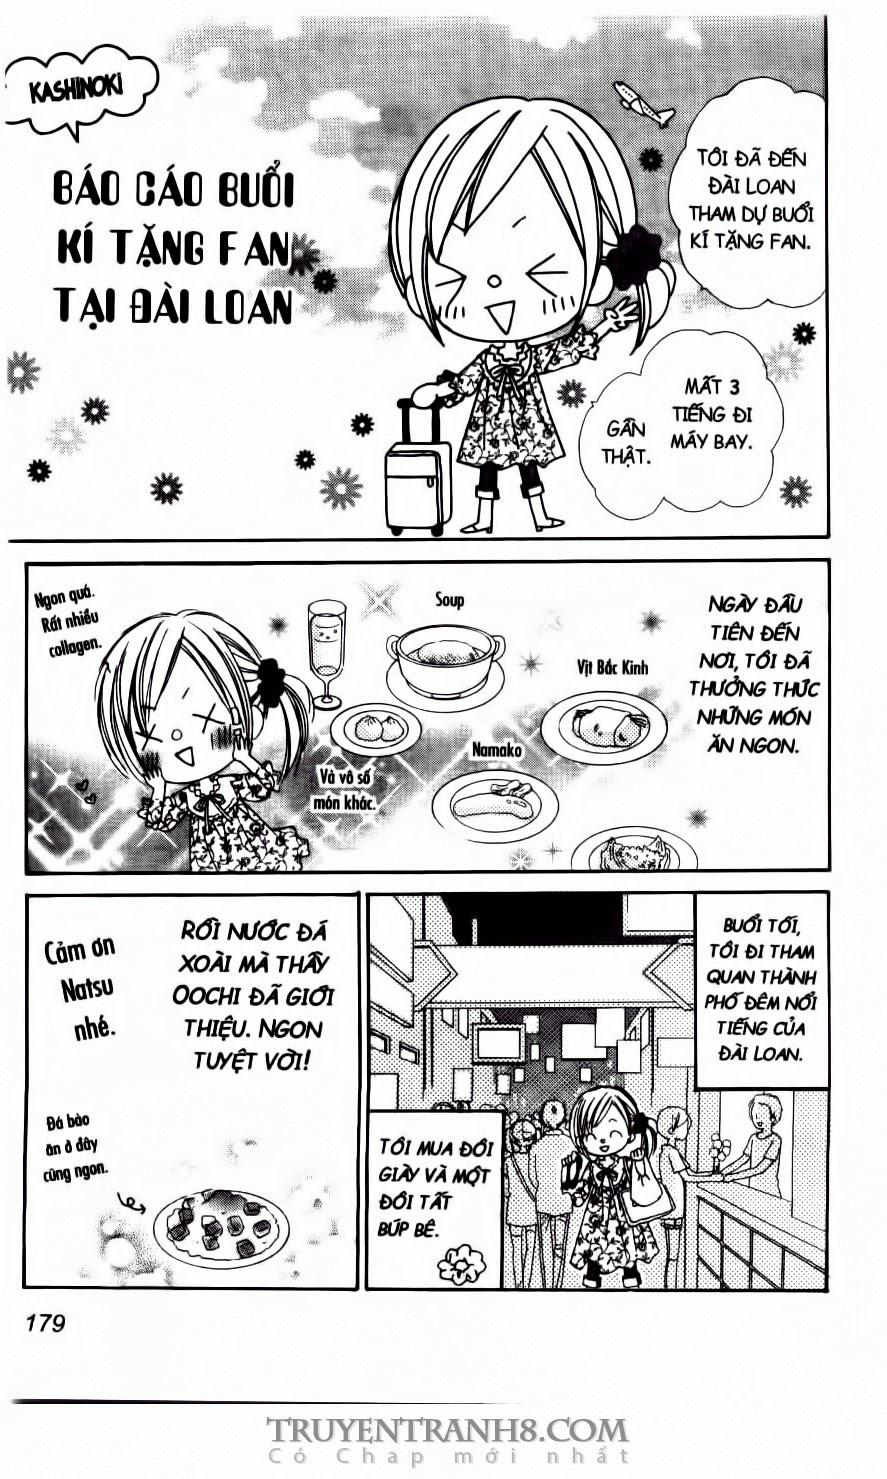 TruyenHay.Com - Ảnh 9 - Tiệm Thời Trang, Love Cotton Chương 31